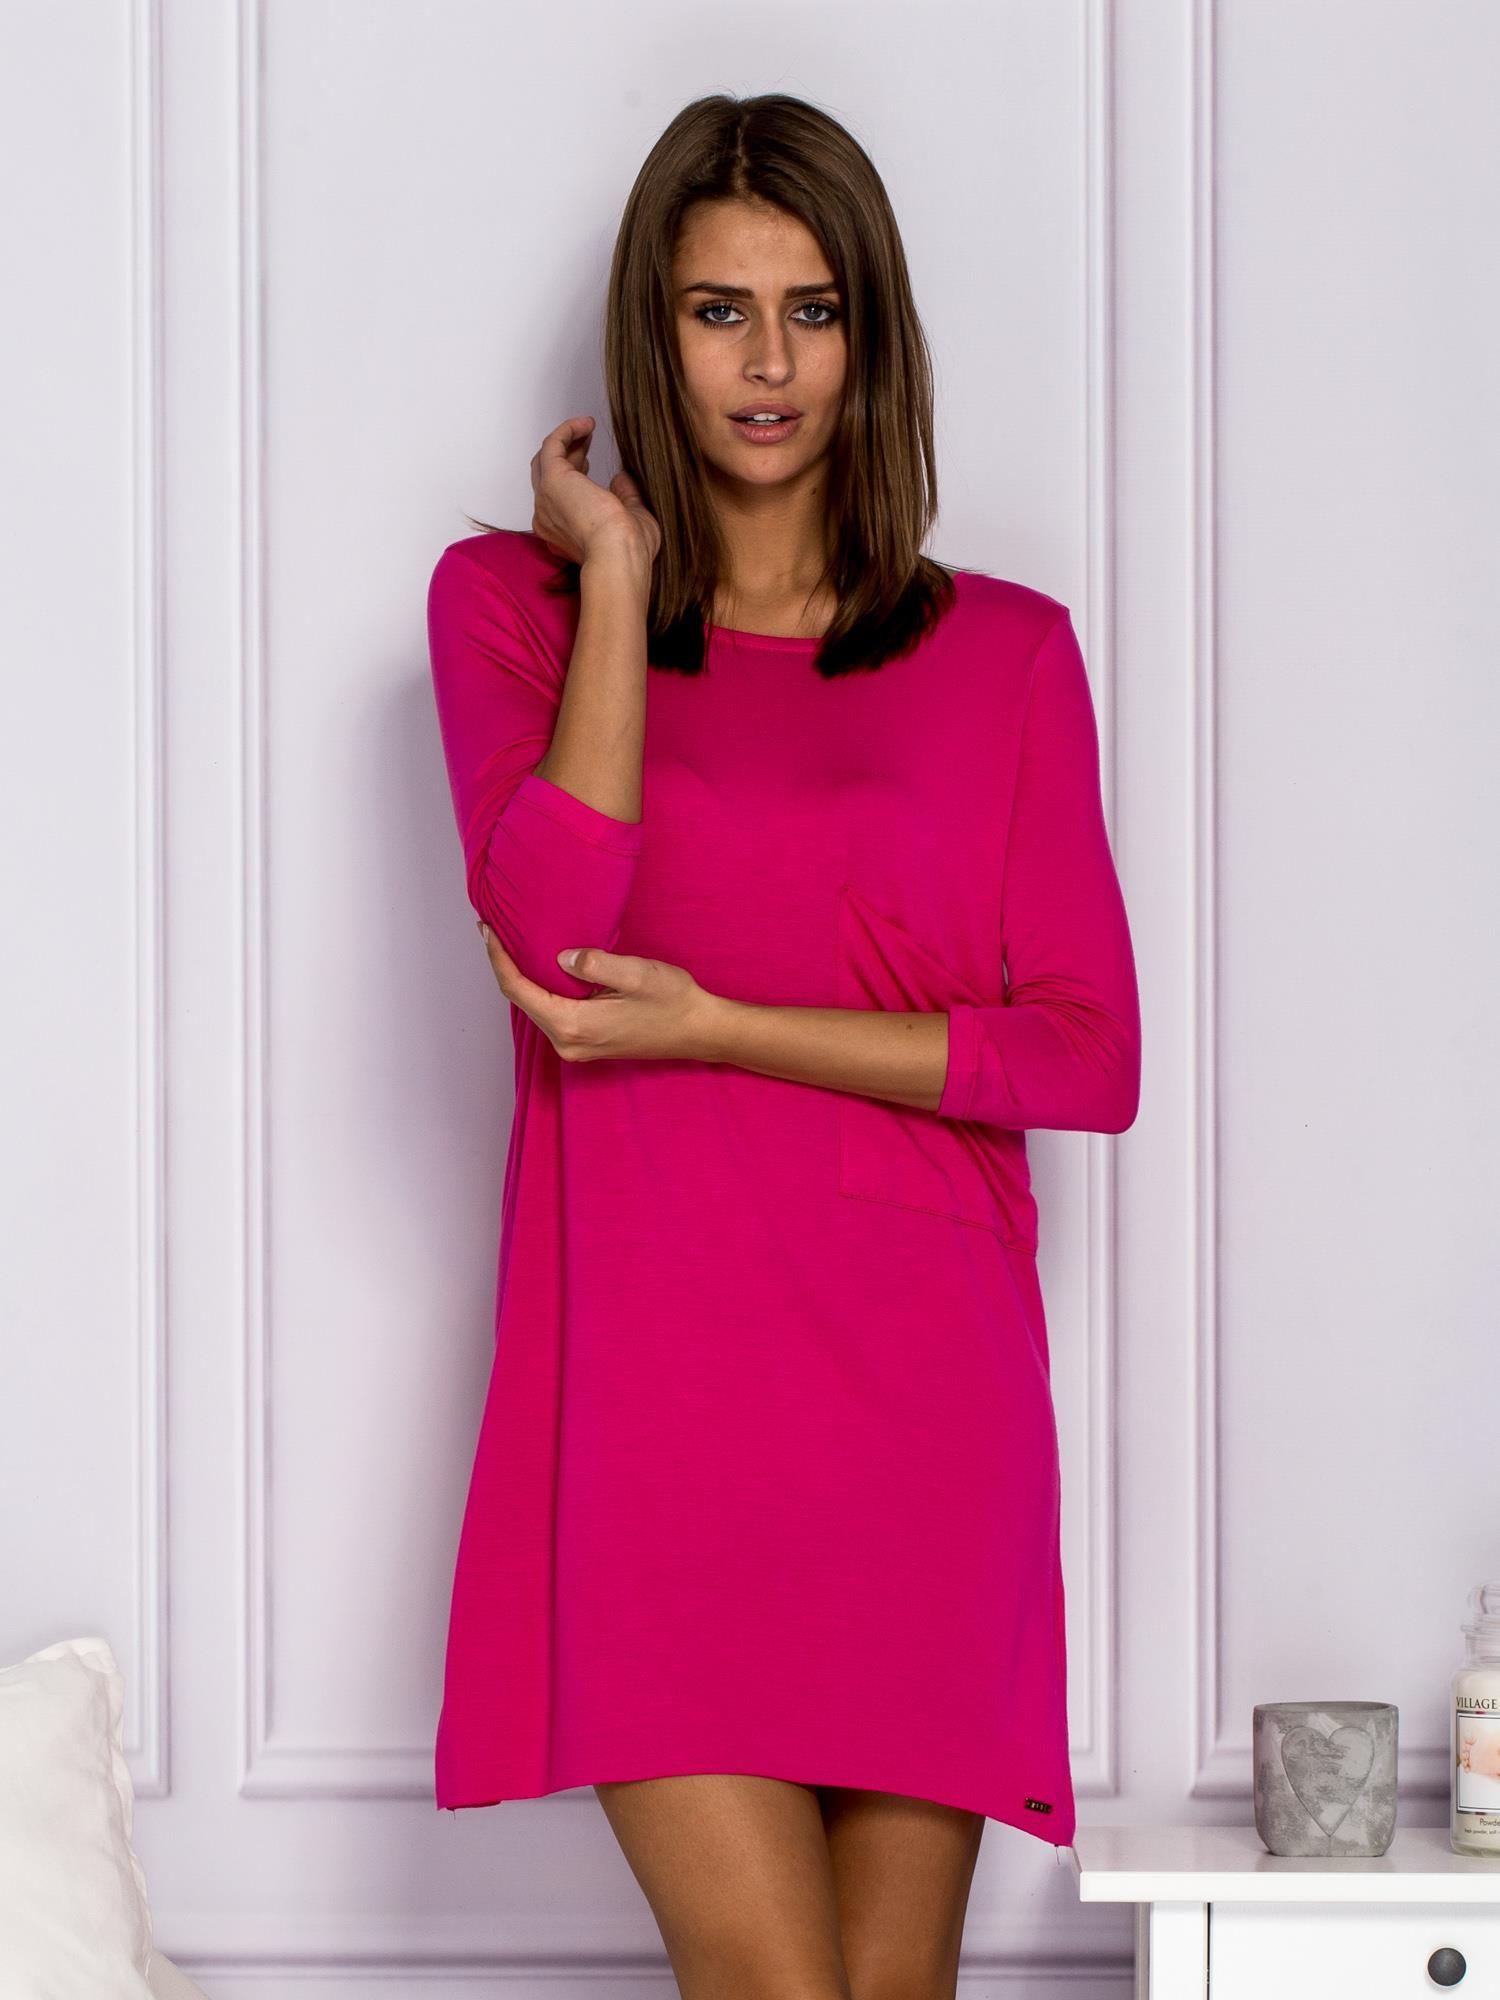 cb0000e467 Sukienka dzienna z napisem FALL IN LOVE różowa - Sukienka na co dzień -  sklep eButik.pl